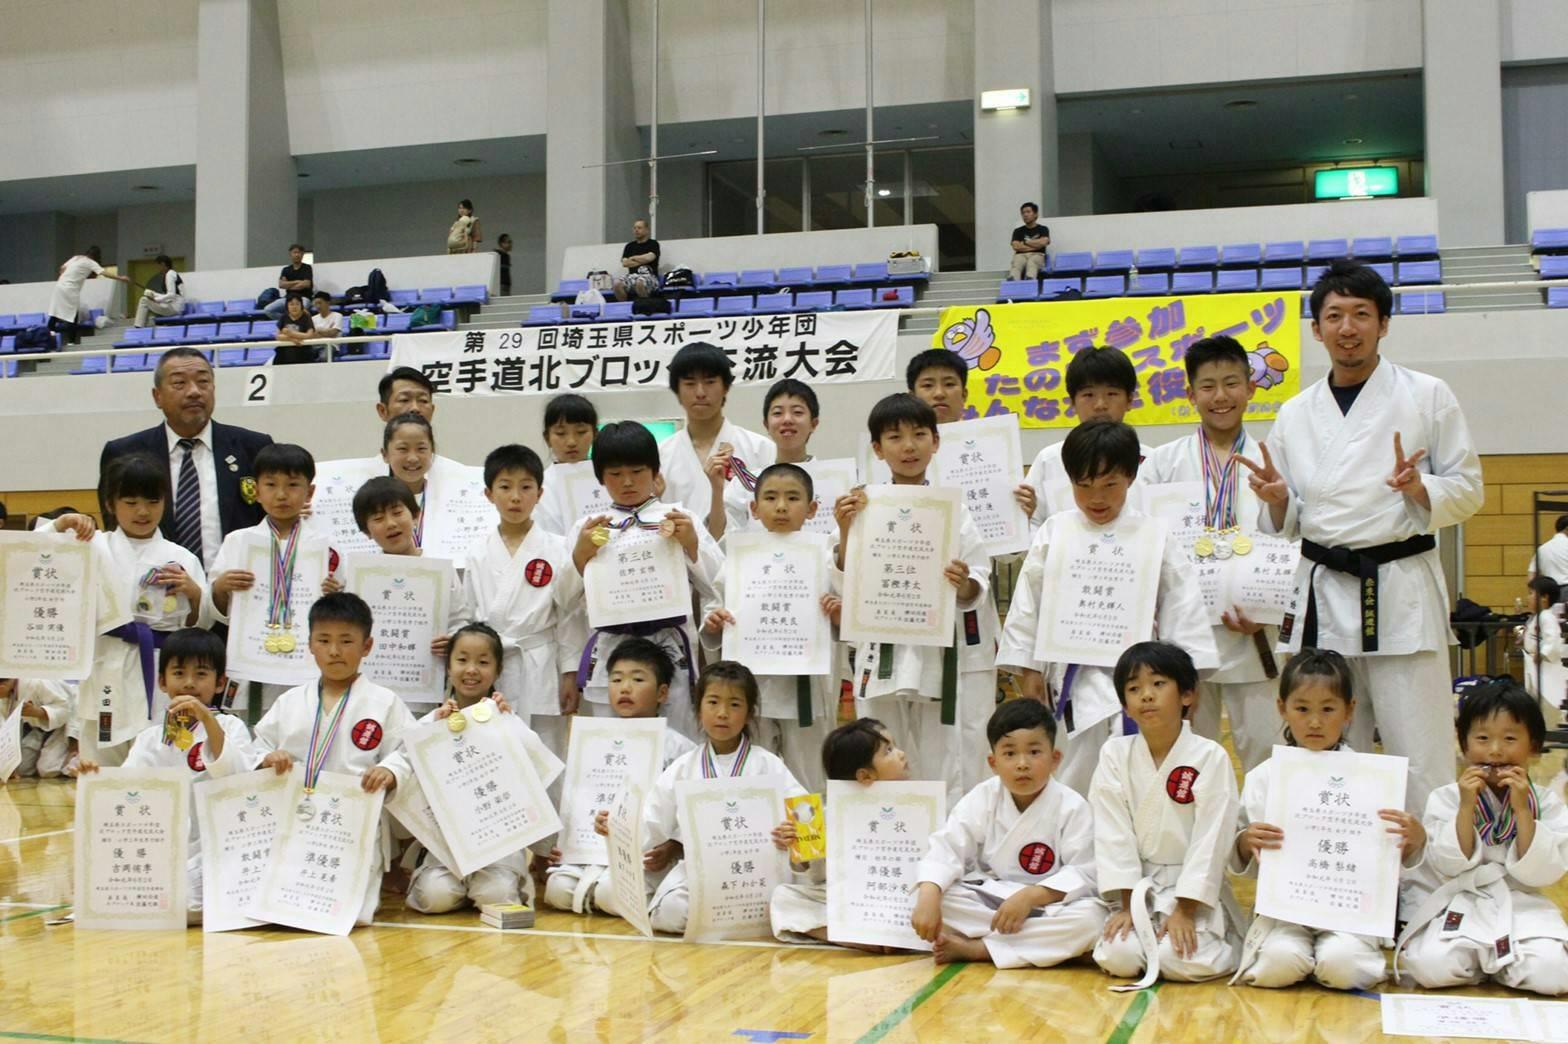 令和元年度 第29回 埼玉県スポーツ少年団空手道北ブロック交流大会